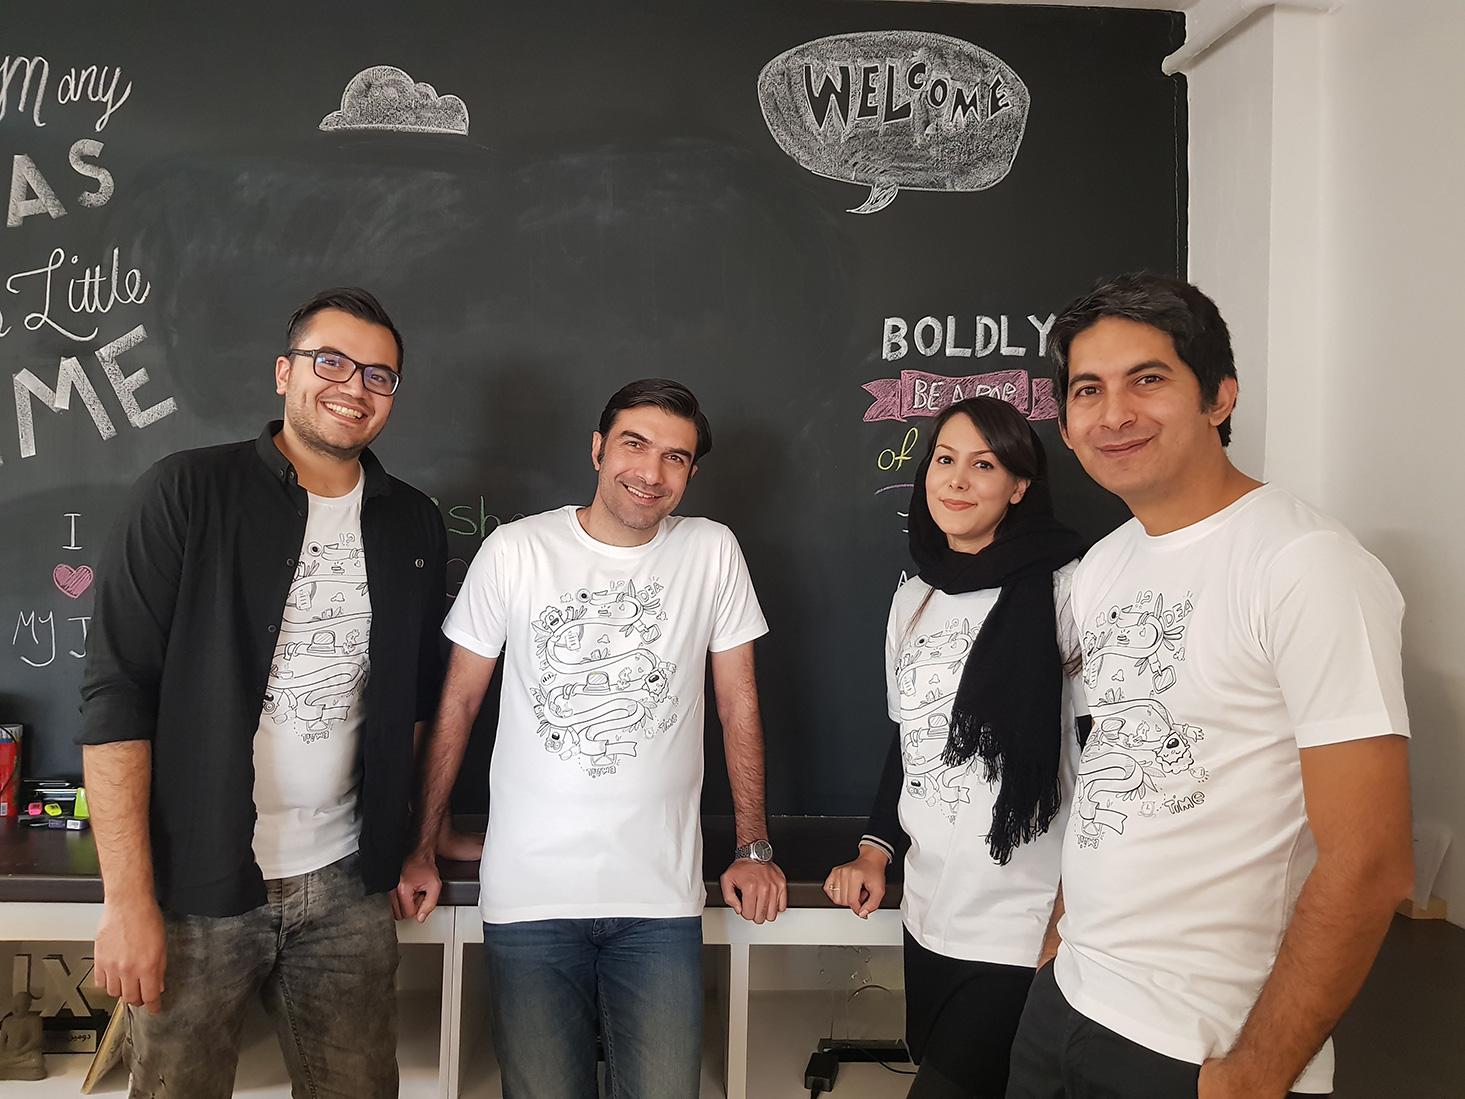 از راست به چپ نیما (پونیشا)، رکسانا (مترجم)، وحید (گوینده کتاب صوتی) حسین (نشریار)